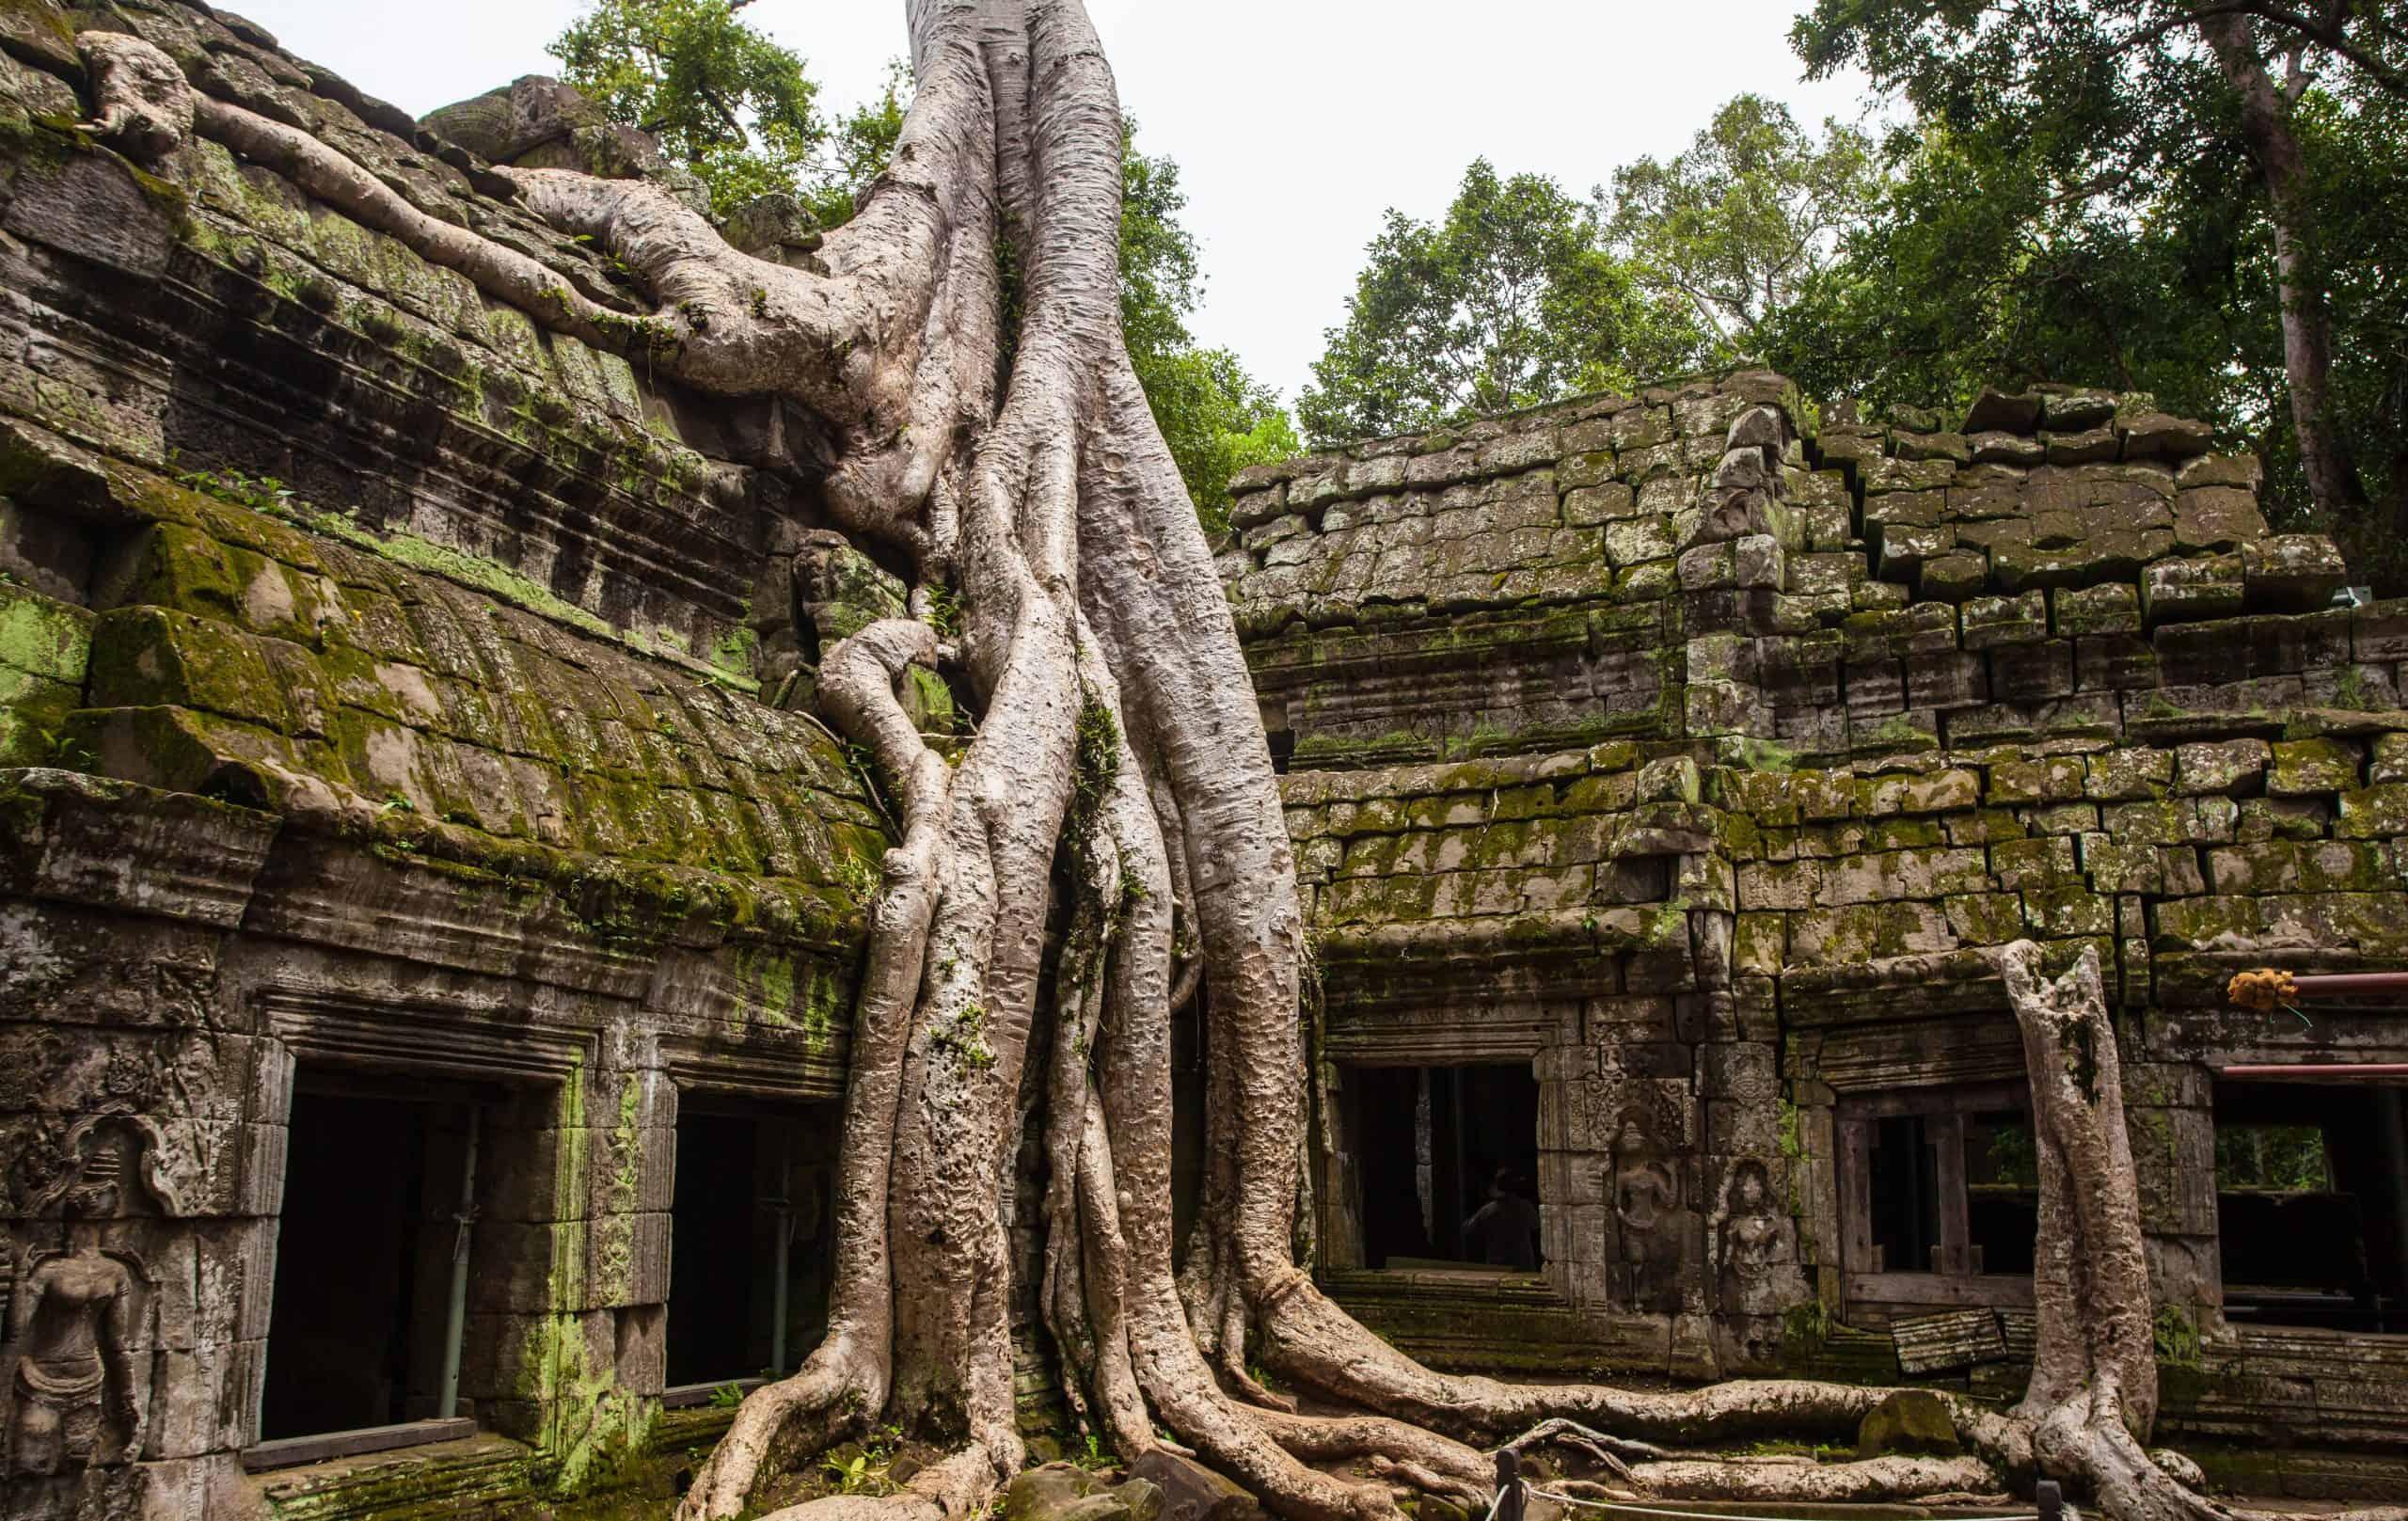 Tree in the Ta Prohm Temple